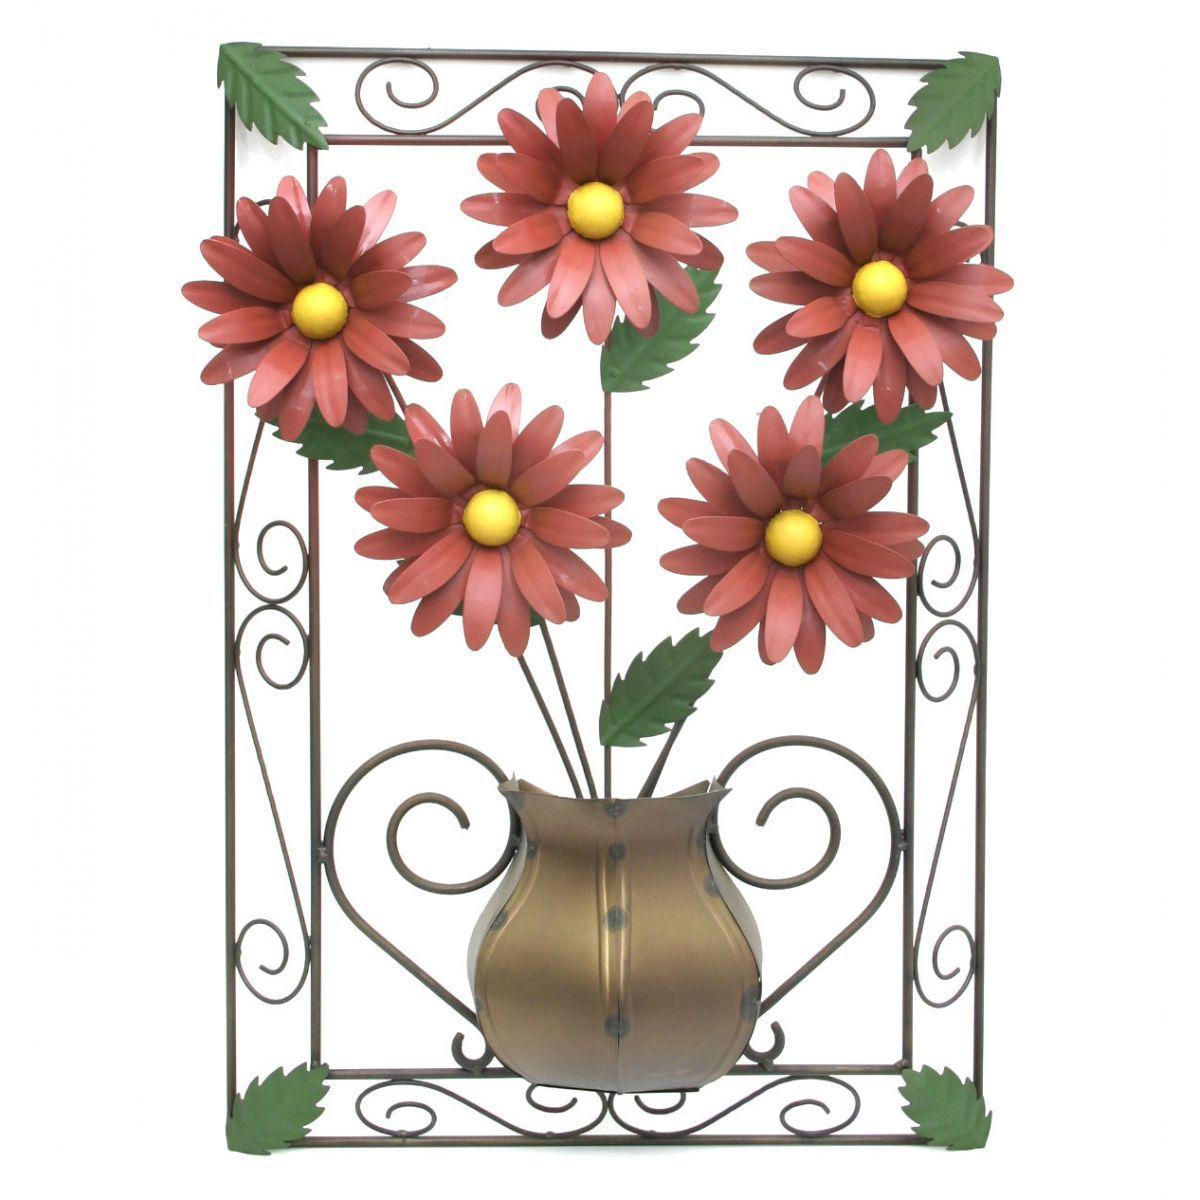 Quadro para Sala de Estar Artesanal Rustico com Flores de Ferro